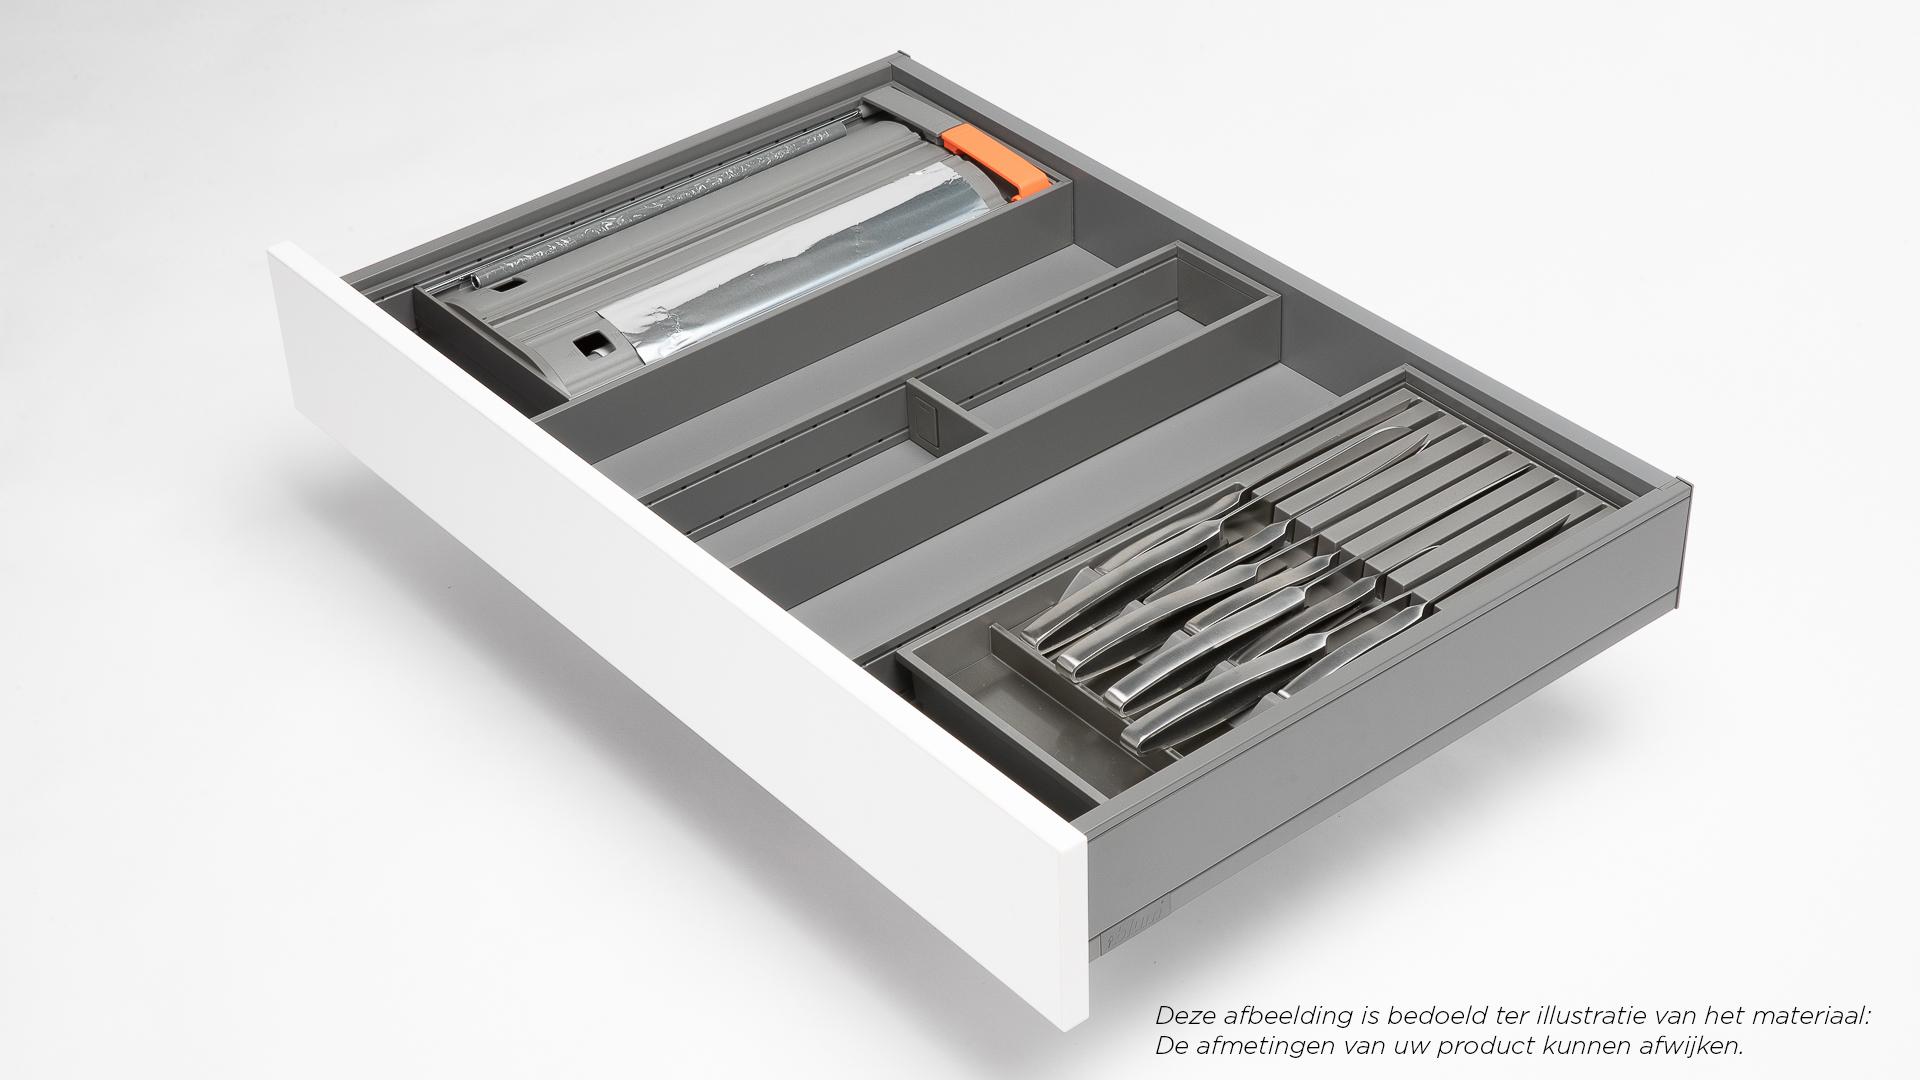 Steel sally ustensiles de cuisine couteaux film alimentaire rangements pour tiroirs orgalux - Ustensiles de cuisine belgique ...